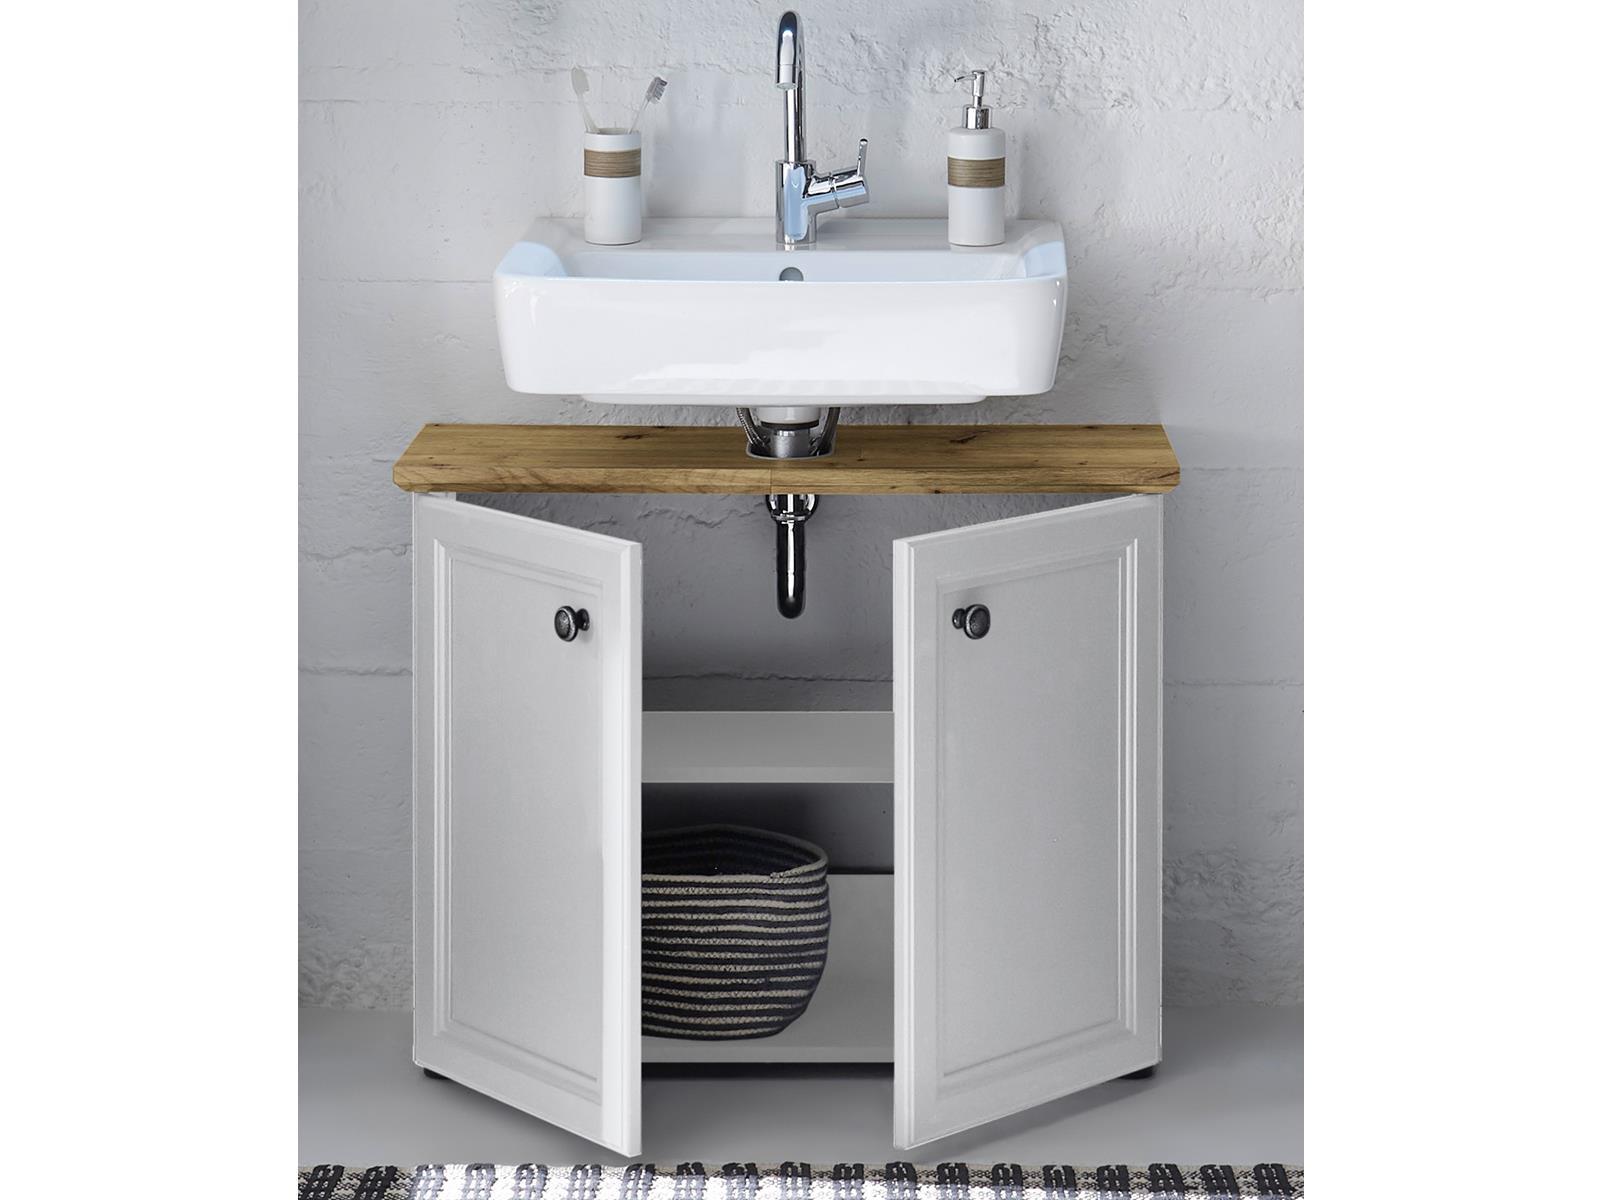 Waschbeckenunterschrank Badschrank Unterschrank Badm/öbel Schrank Bad Tomlin I Grau//Timber Wood